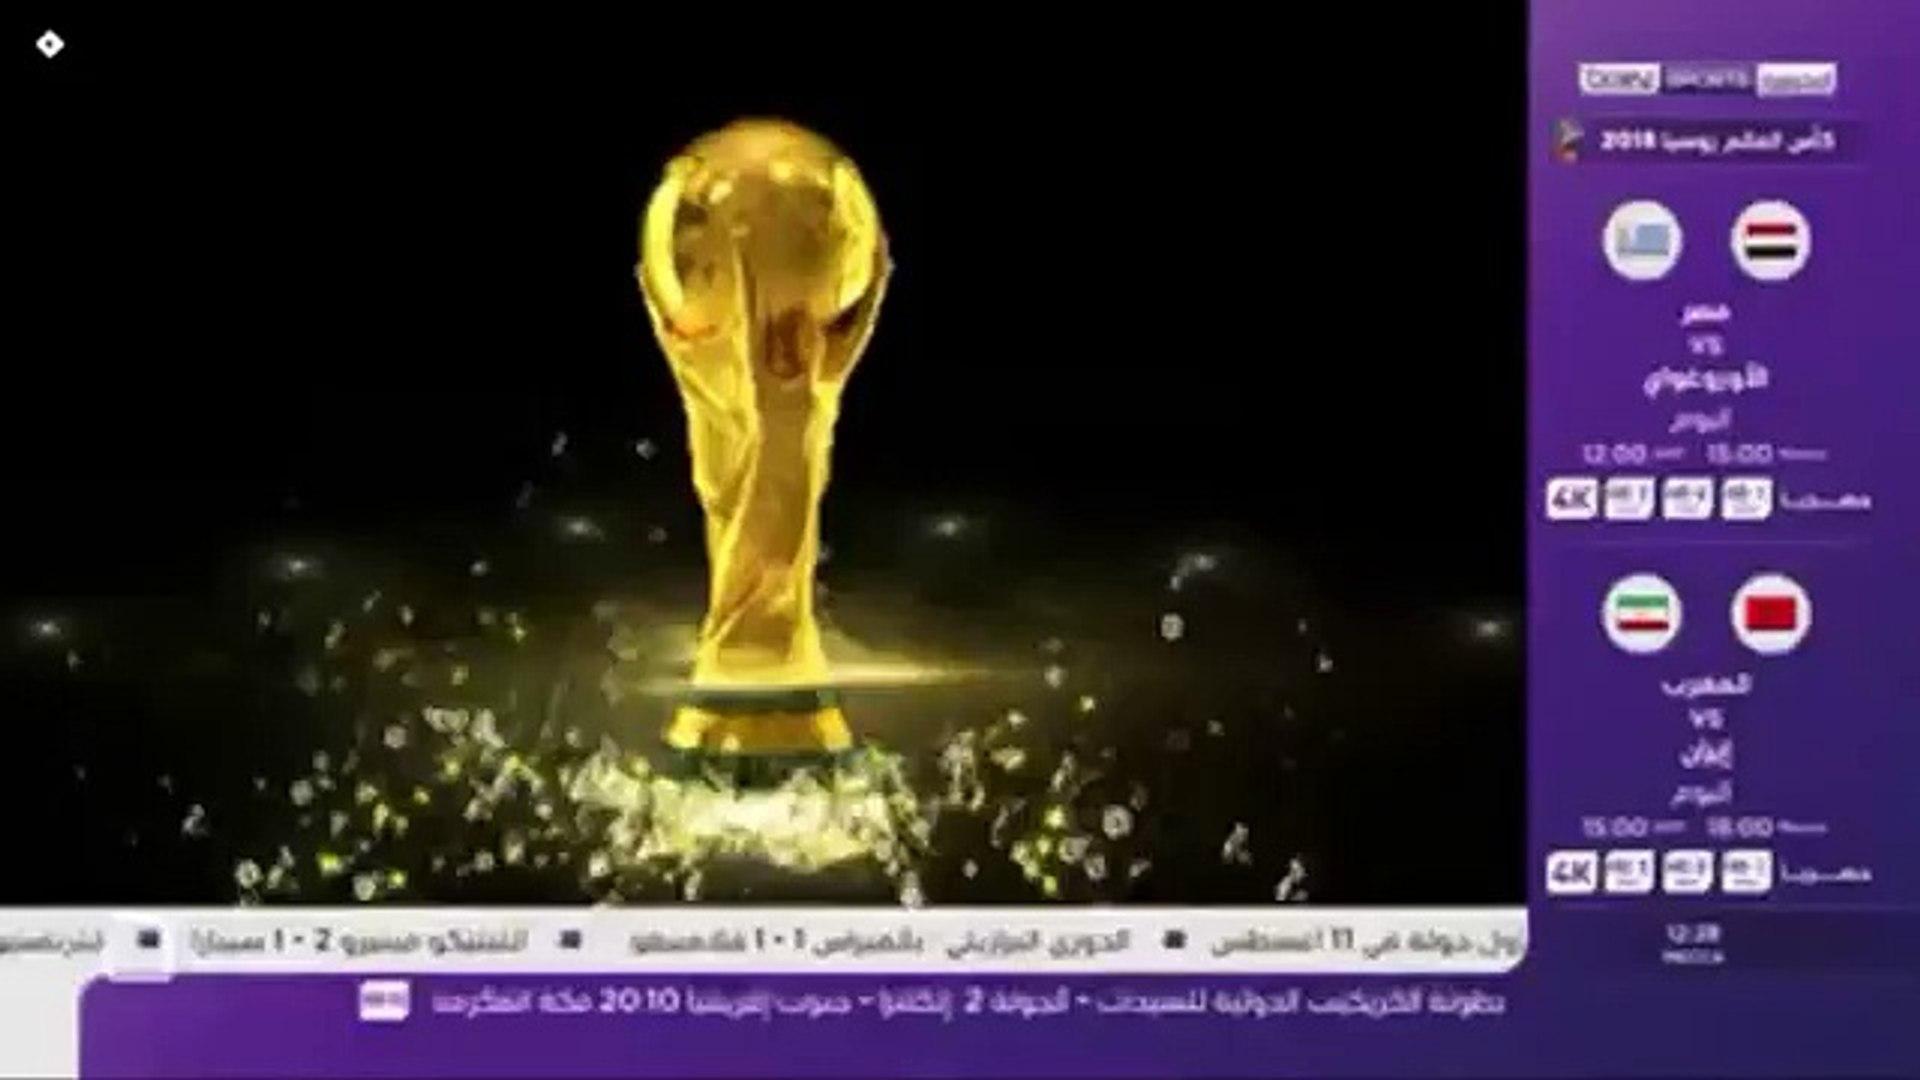 Yalla Shoot :  مشاهدة مباراة الارجنتين وايسلندا بث مباشر الان بث مباشر يلا شوت